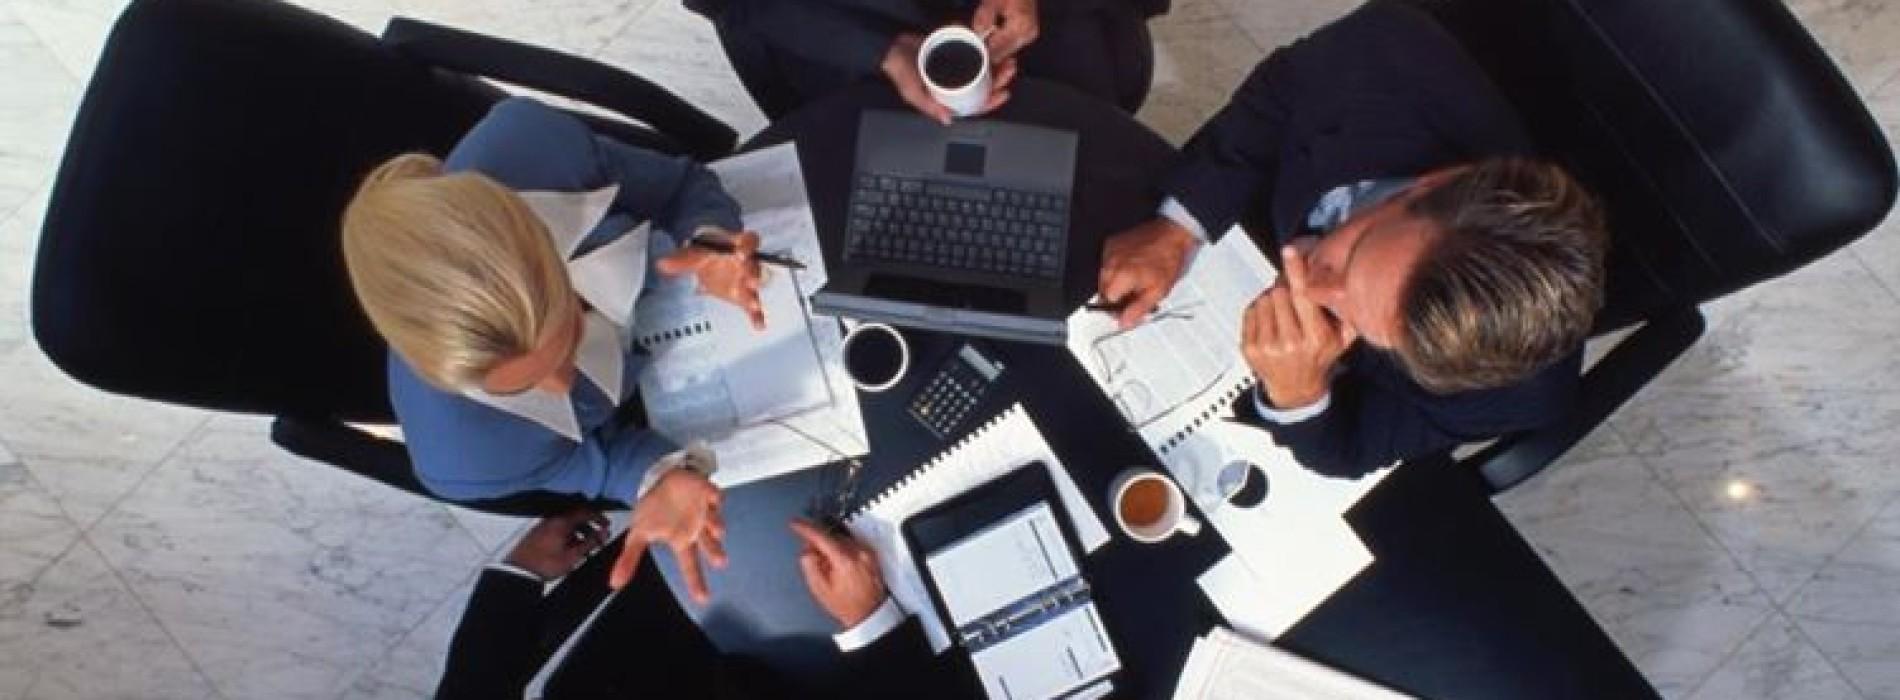 W jakich przypadkach konieczne jest spotkanie biznesowe?